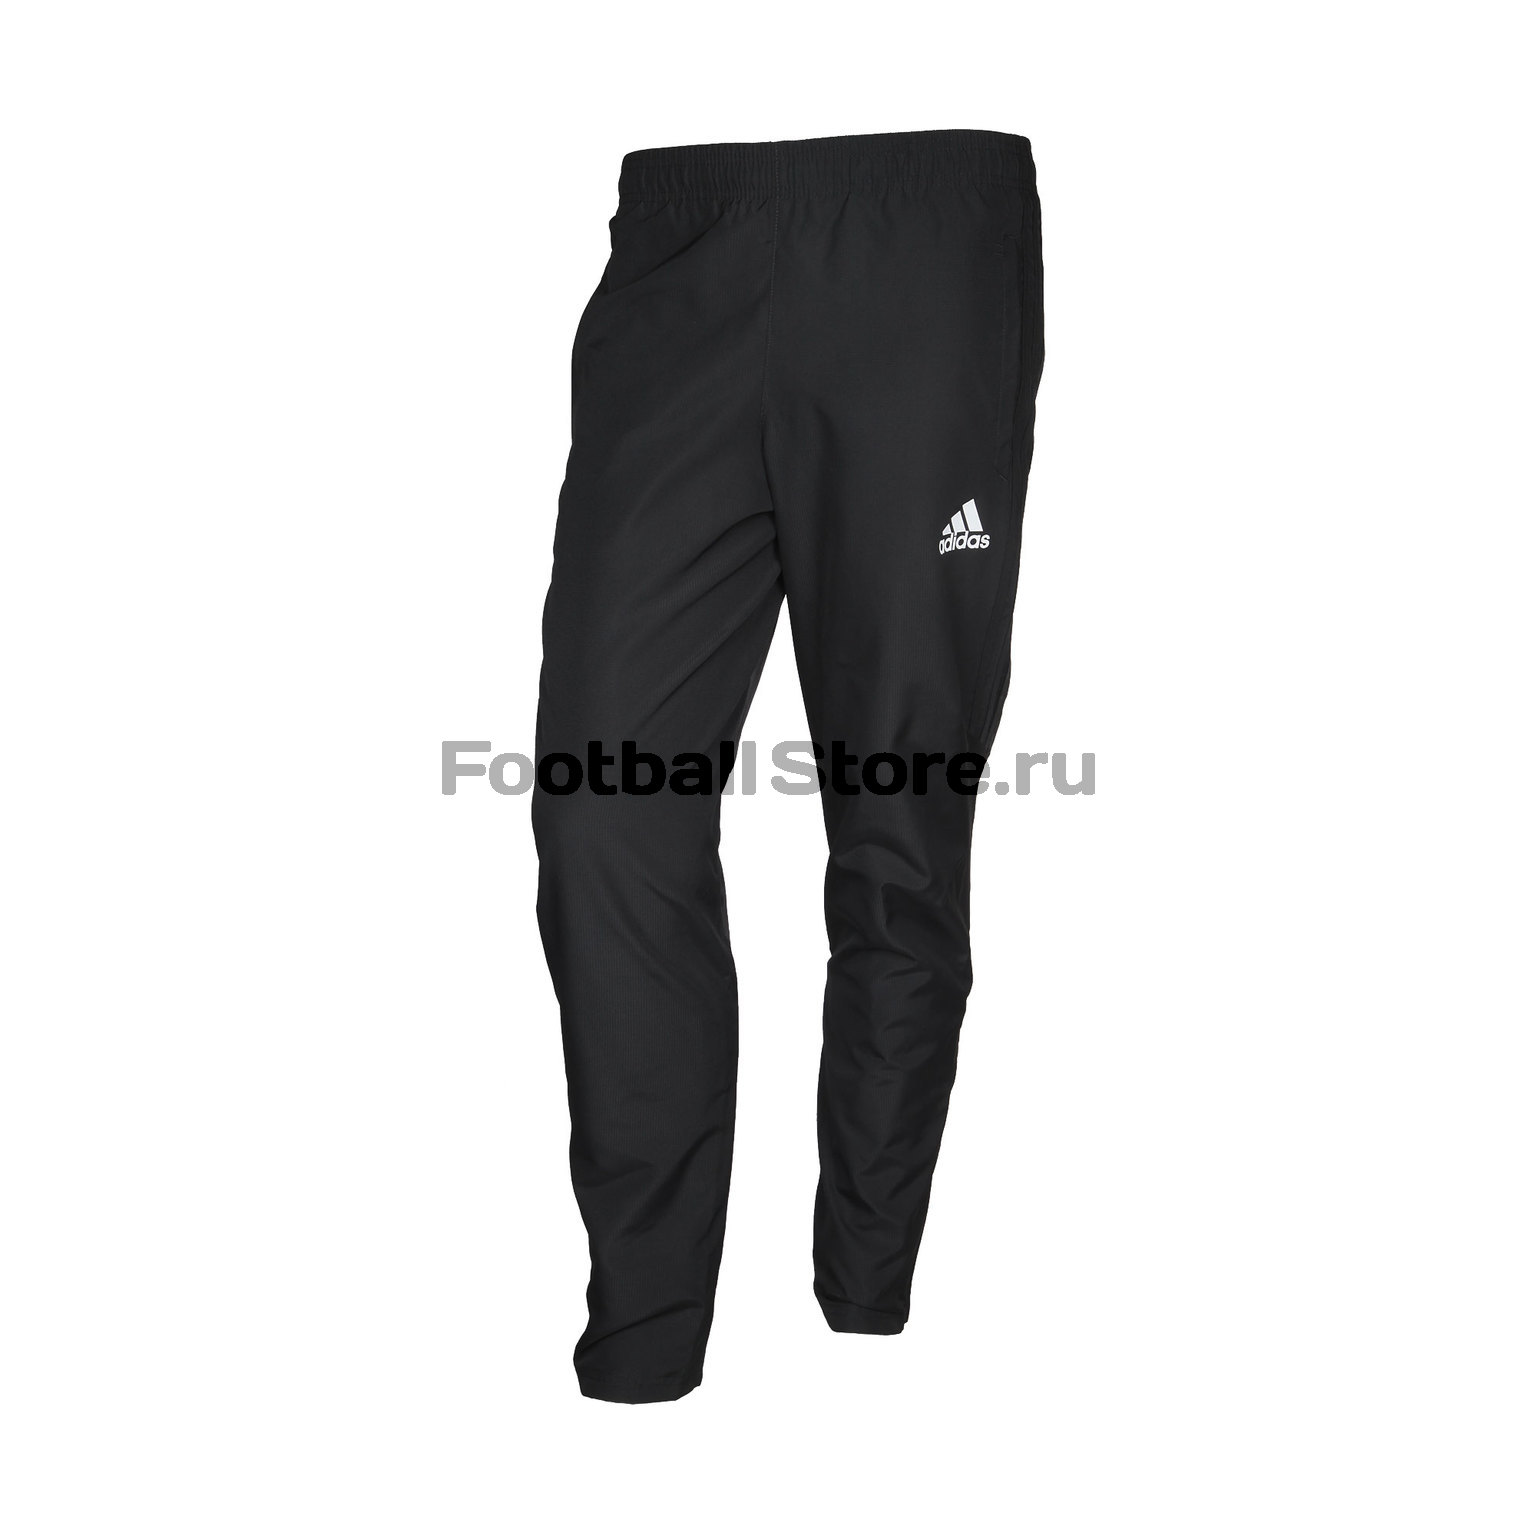 Брюки Adidas Брюки тренировочные Adidas Tiro17 Wov Pnt AY2861 брюки adidas брюки тренировочные adidas tiro17 3 4 pnt ay2879